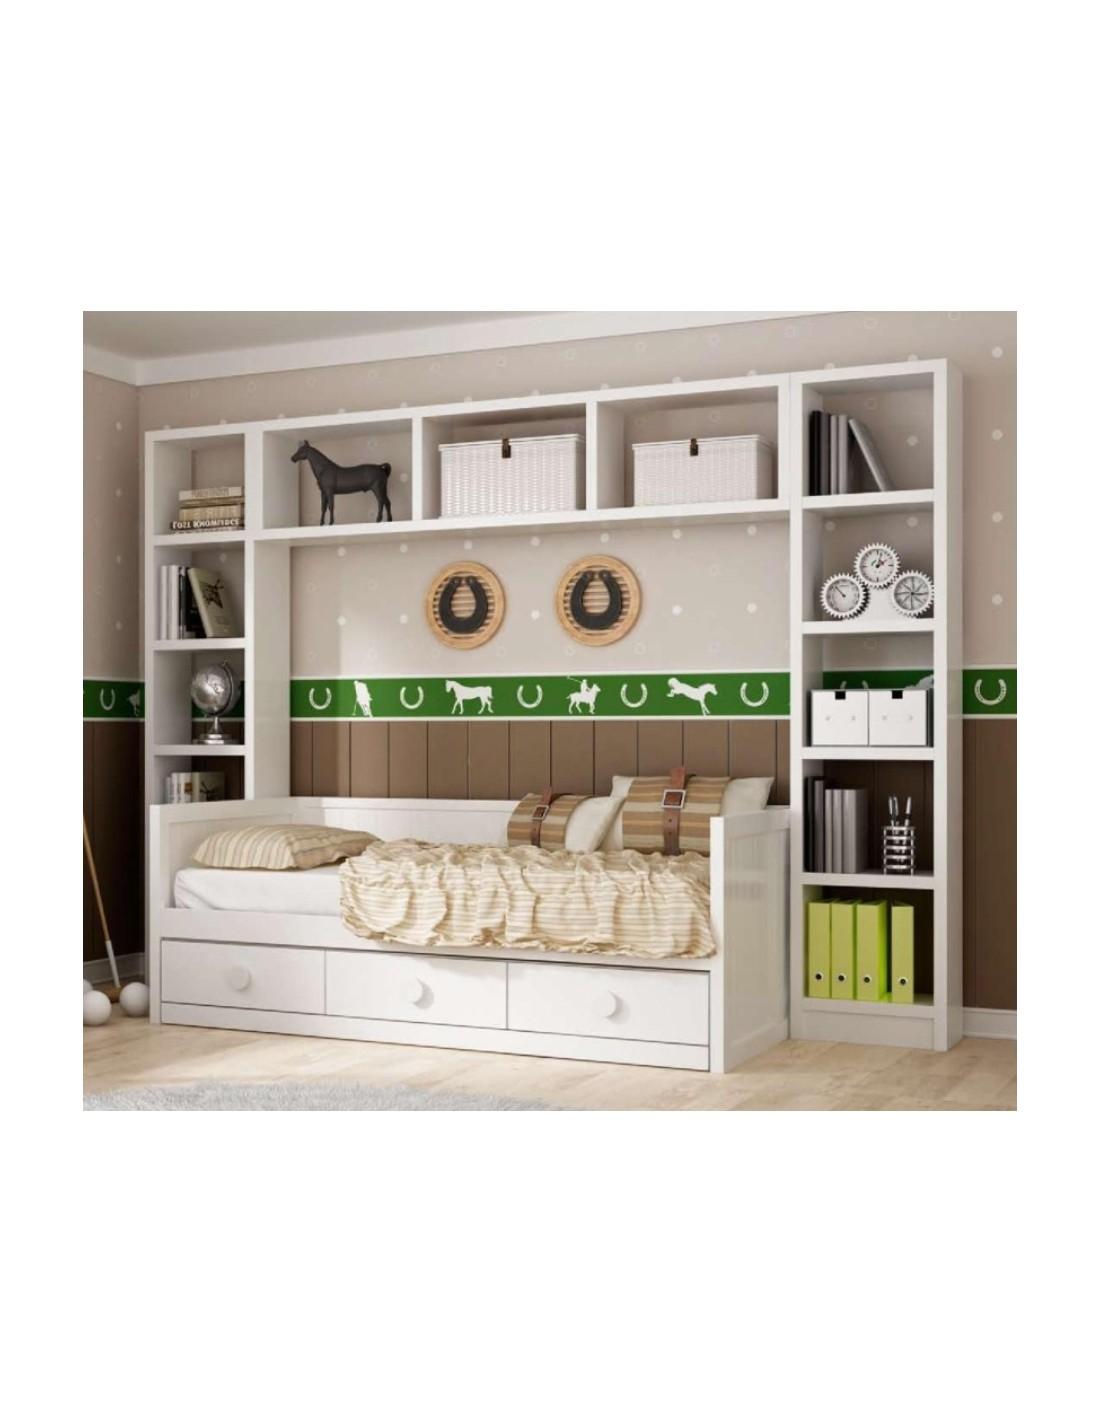 Dormitorio juvenil puente blanco - Dormitorio infantil blanco ...